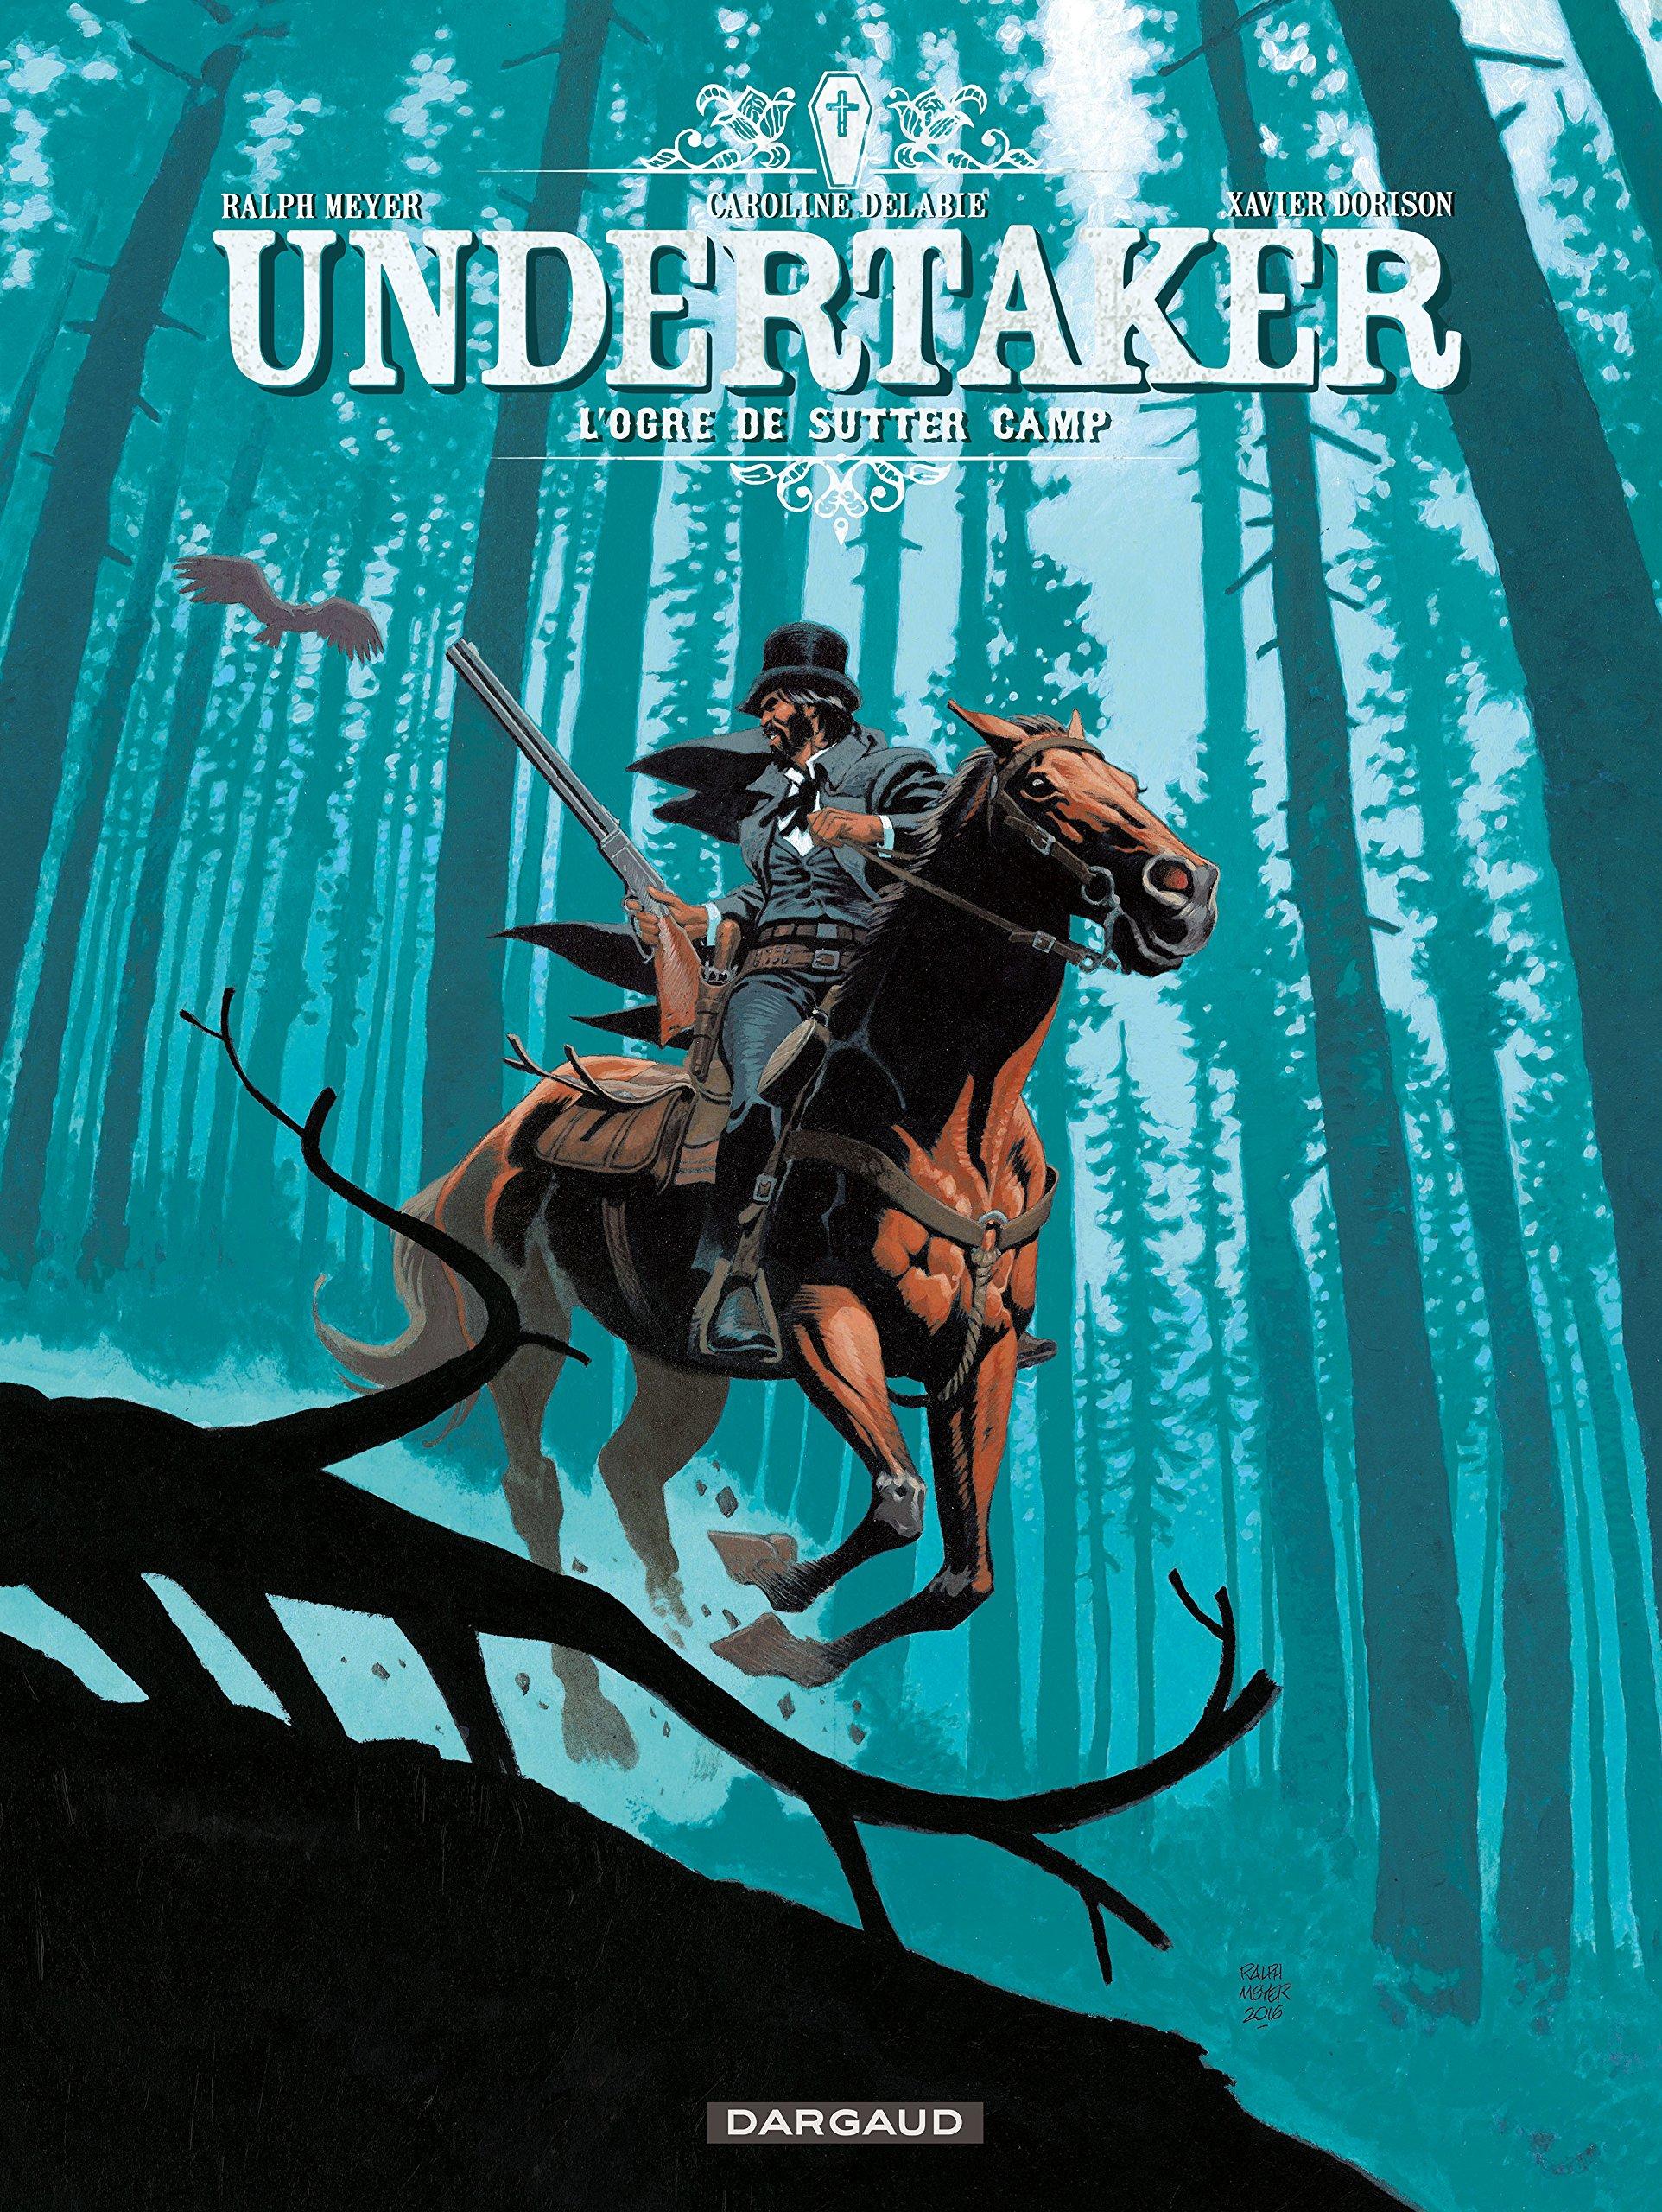 Undertaker - tome 3 - L'Ogre de Sutter Camp Relié – 27 janvier 2017 Dorison Xavier Meyer Ralph Dargaud 2505065381